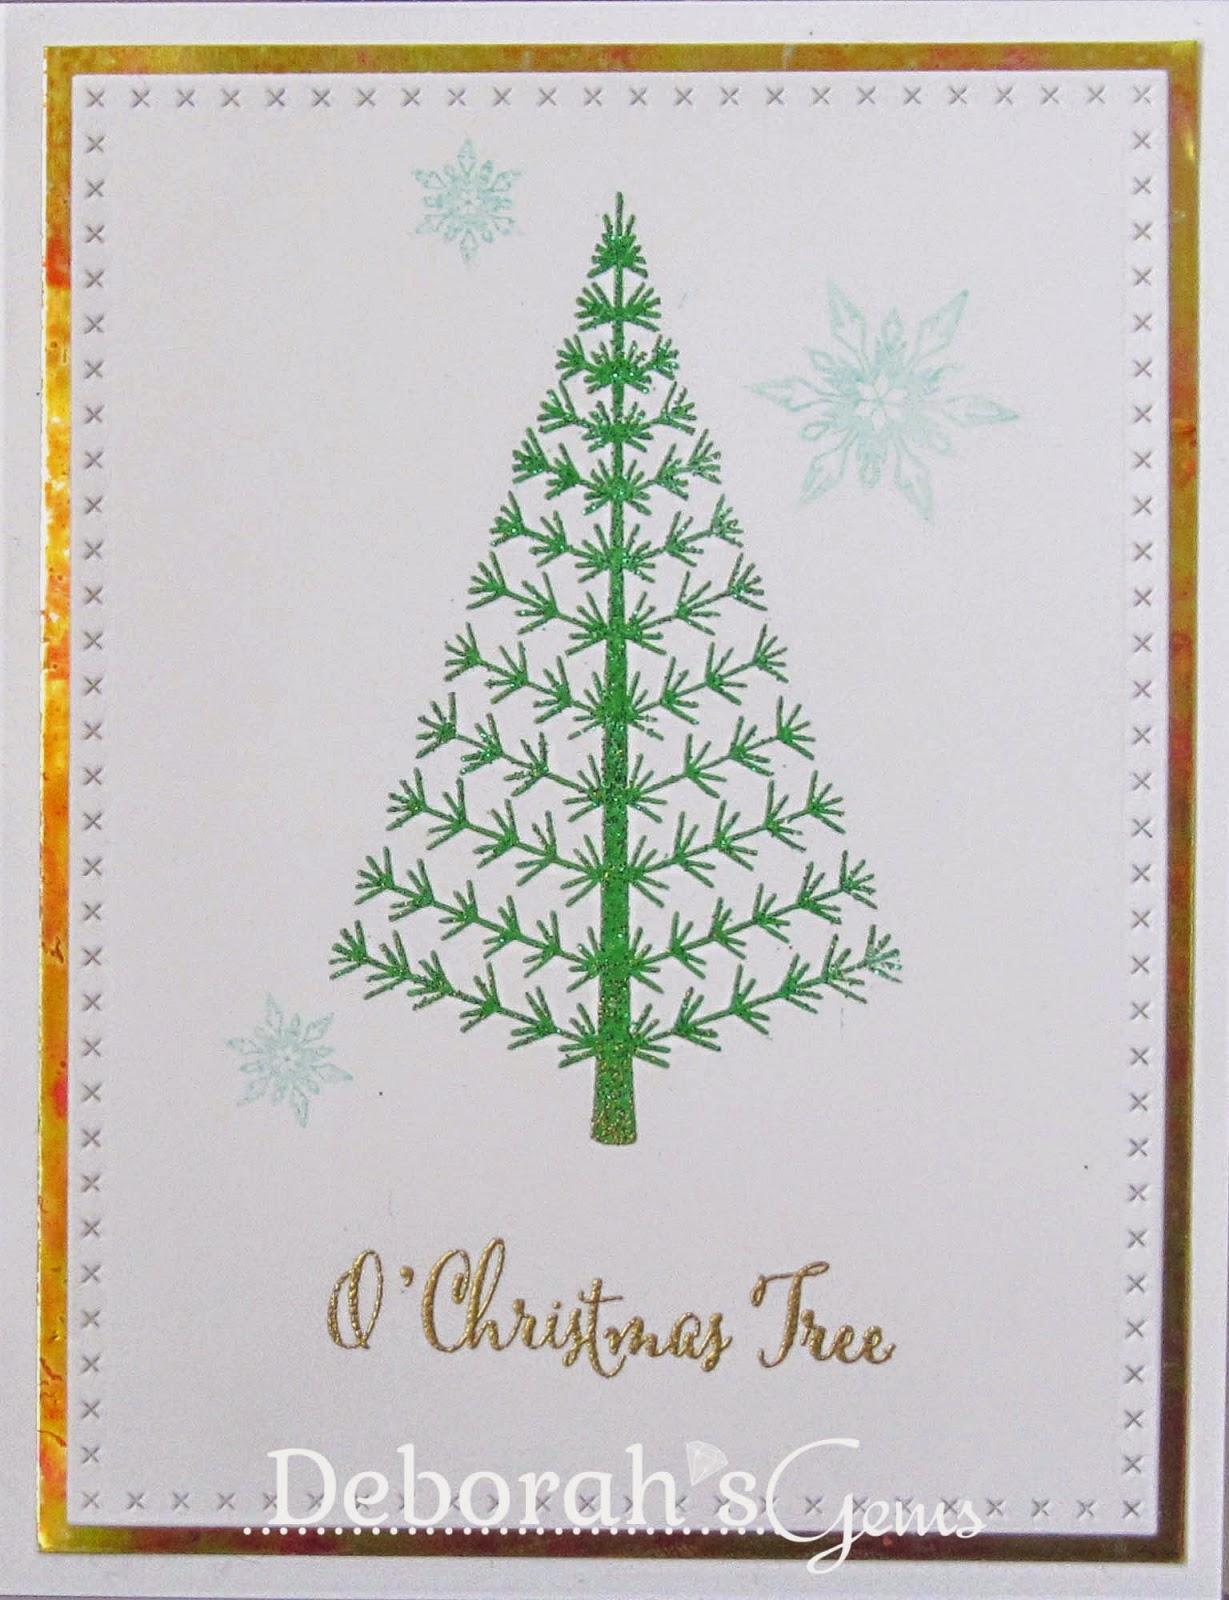 O Christmas Tree - photo by Deborah Frings - Deborah's Gems